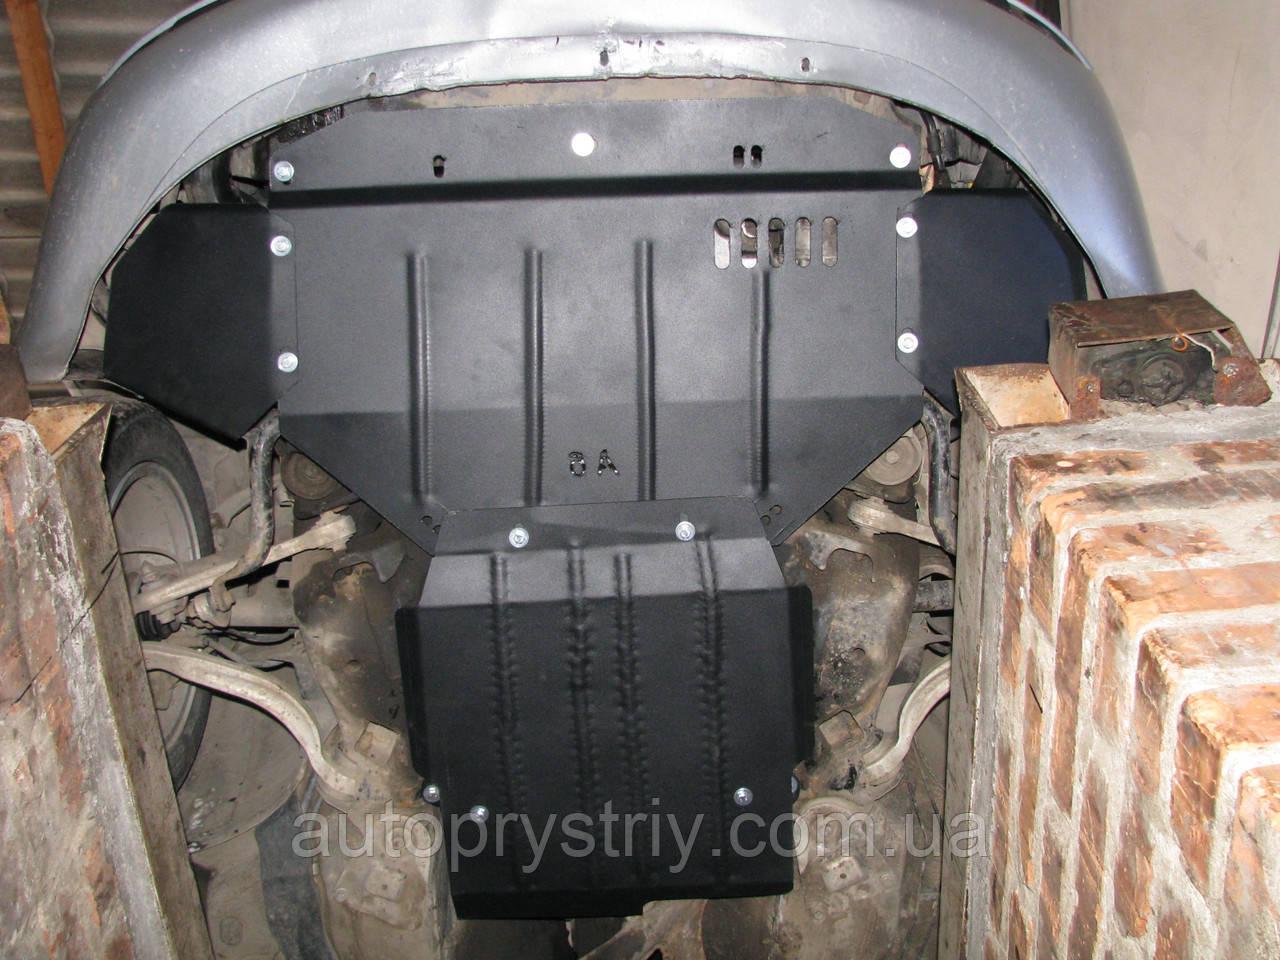 Захист КПП Audi A6 (C5) (1997-2004) 1.8 автомат, 2.4, 2.8, 1.8 T, 1.9 D, 2.5 D (крім 4х4)